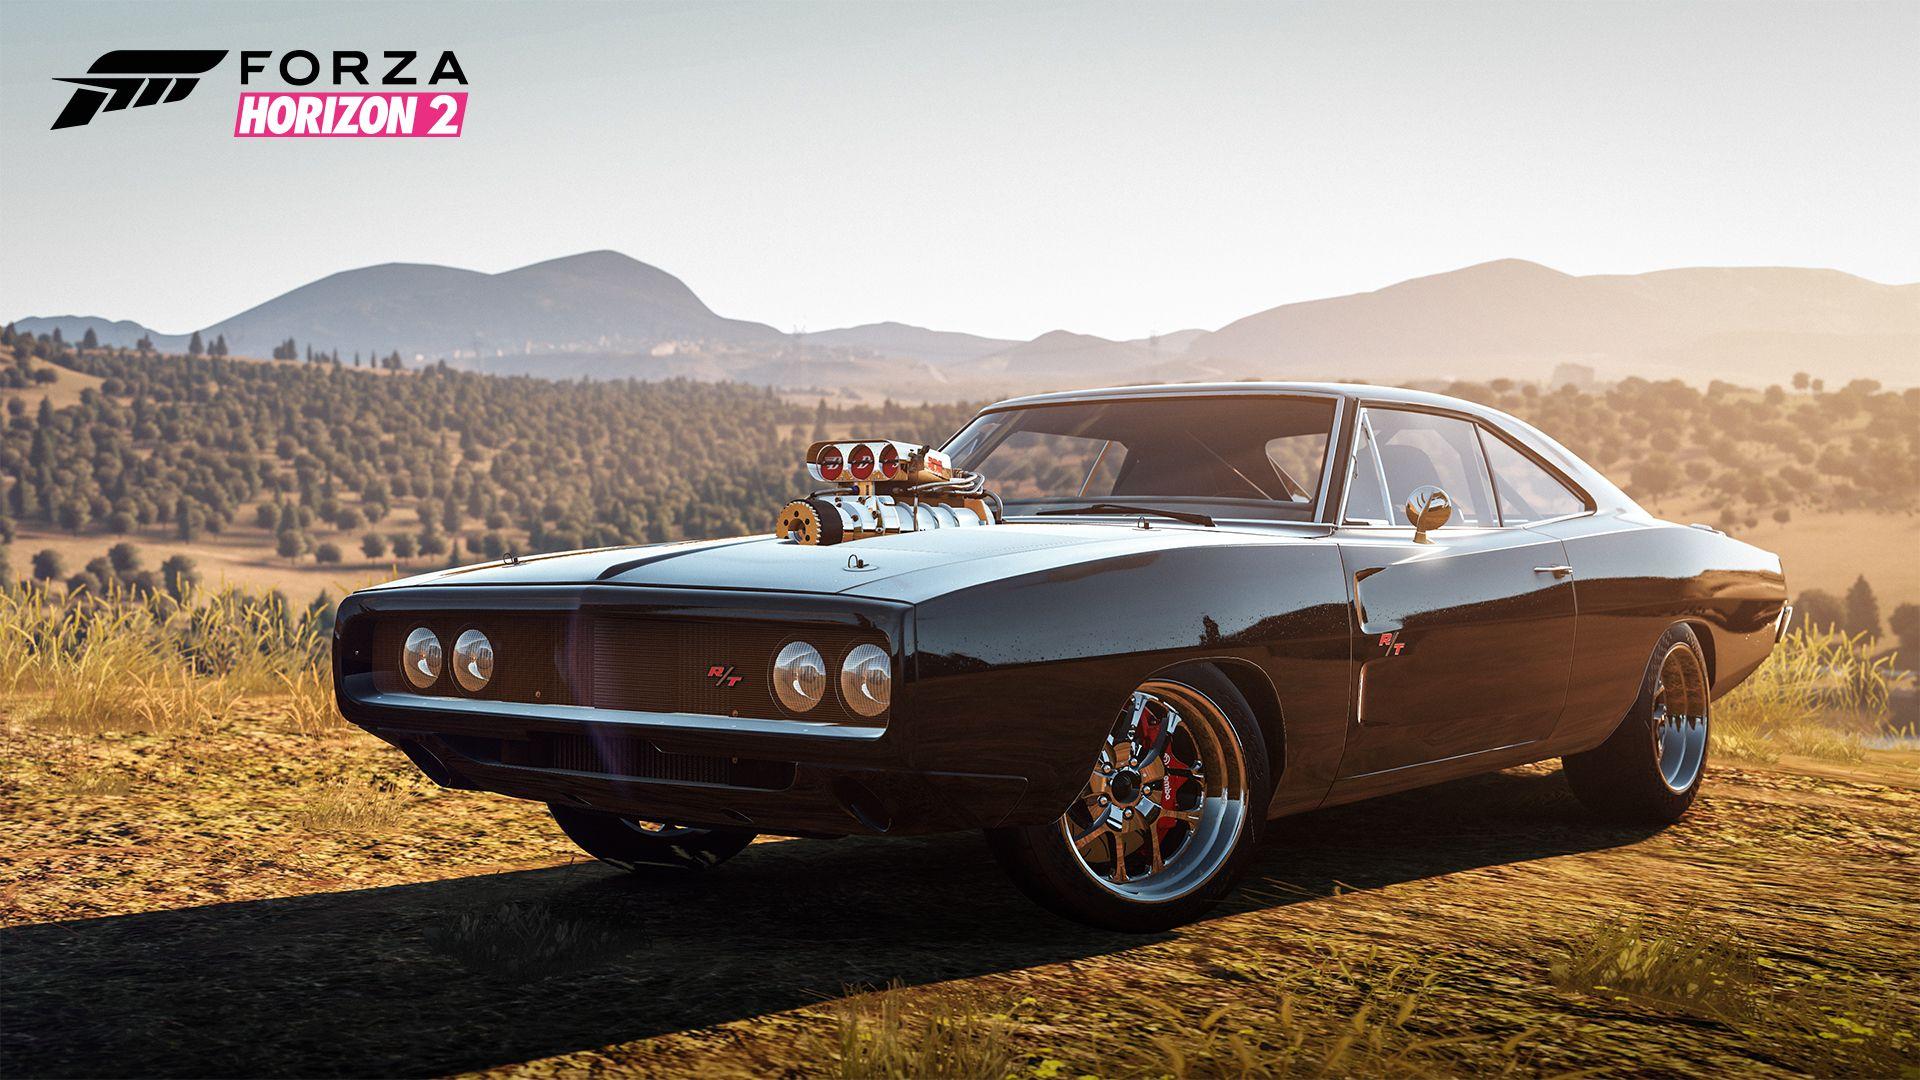 Vin Diesel Car Wallpaper Free Mkl Movie Desktop Hd Wallpapers Dodge Charger Muscle Cars Diesel Cars